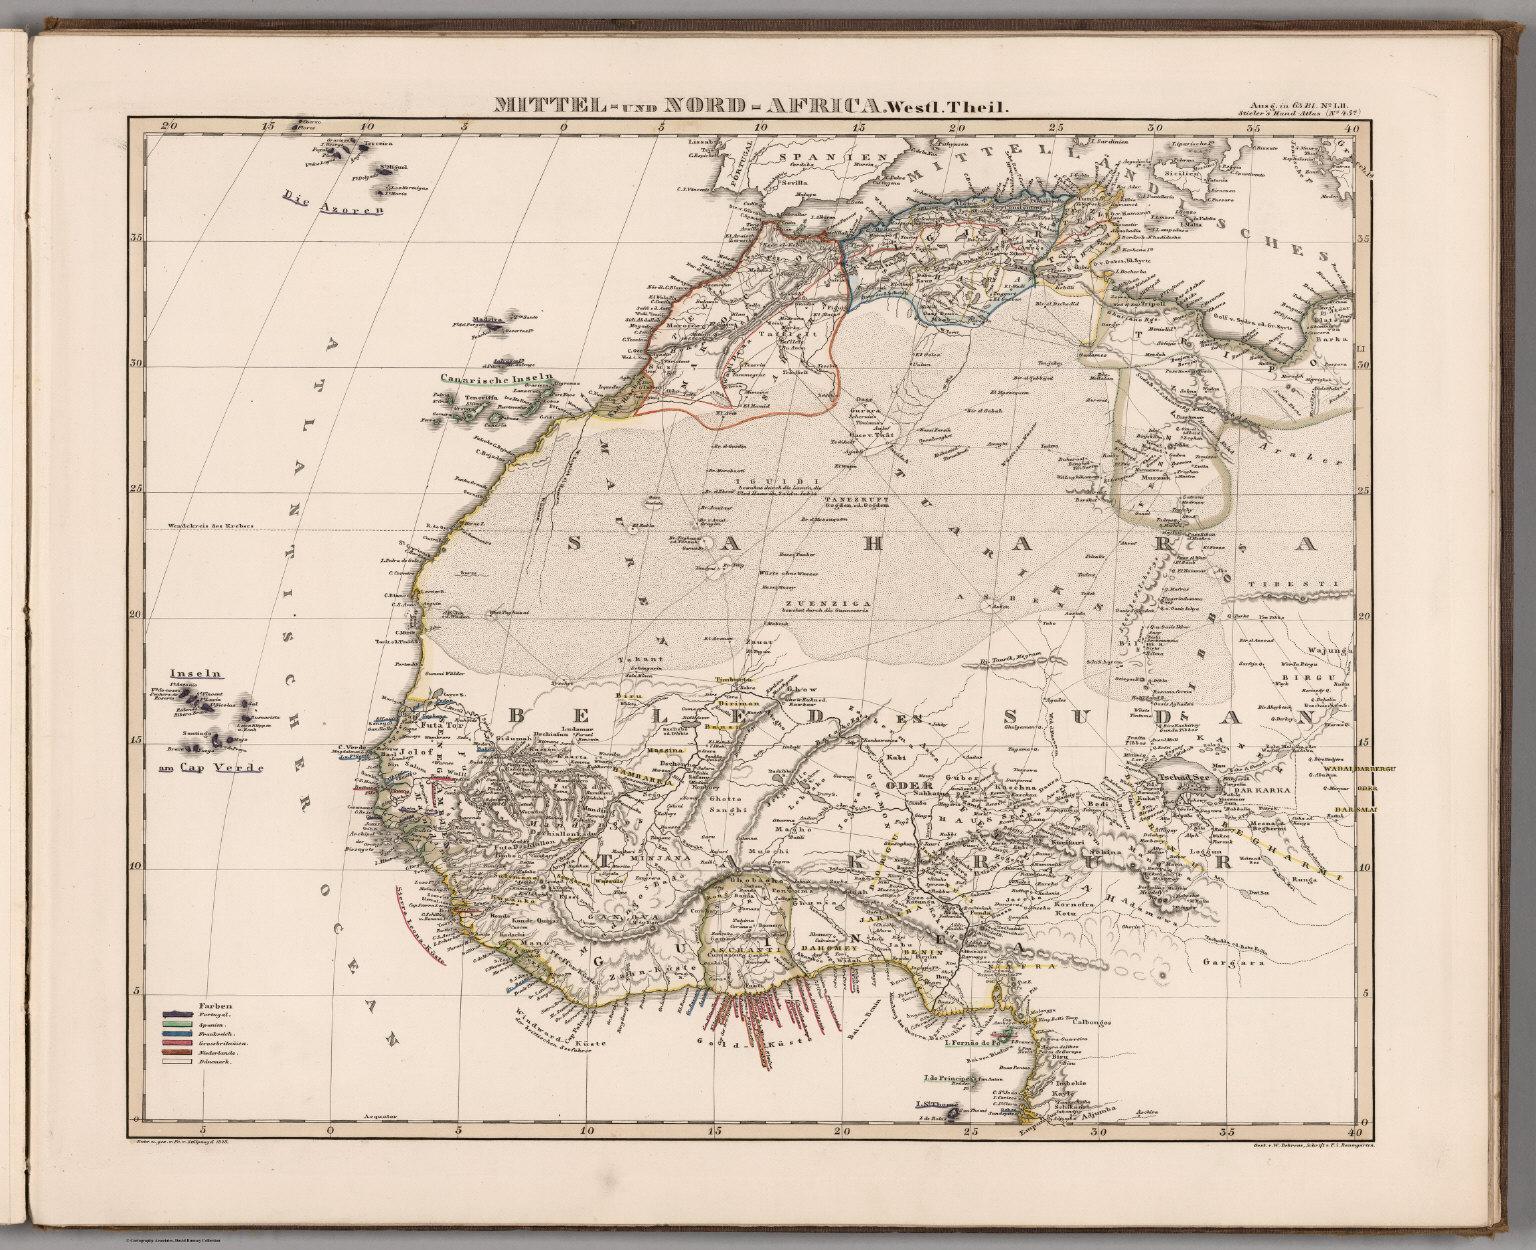 Mittel - und Nord-Afrika. (West and North Africa).